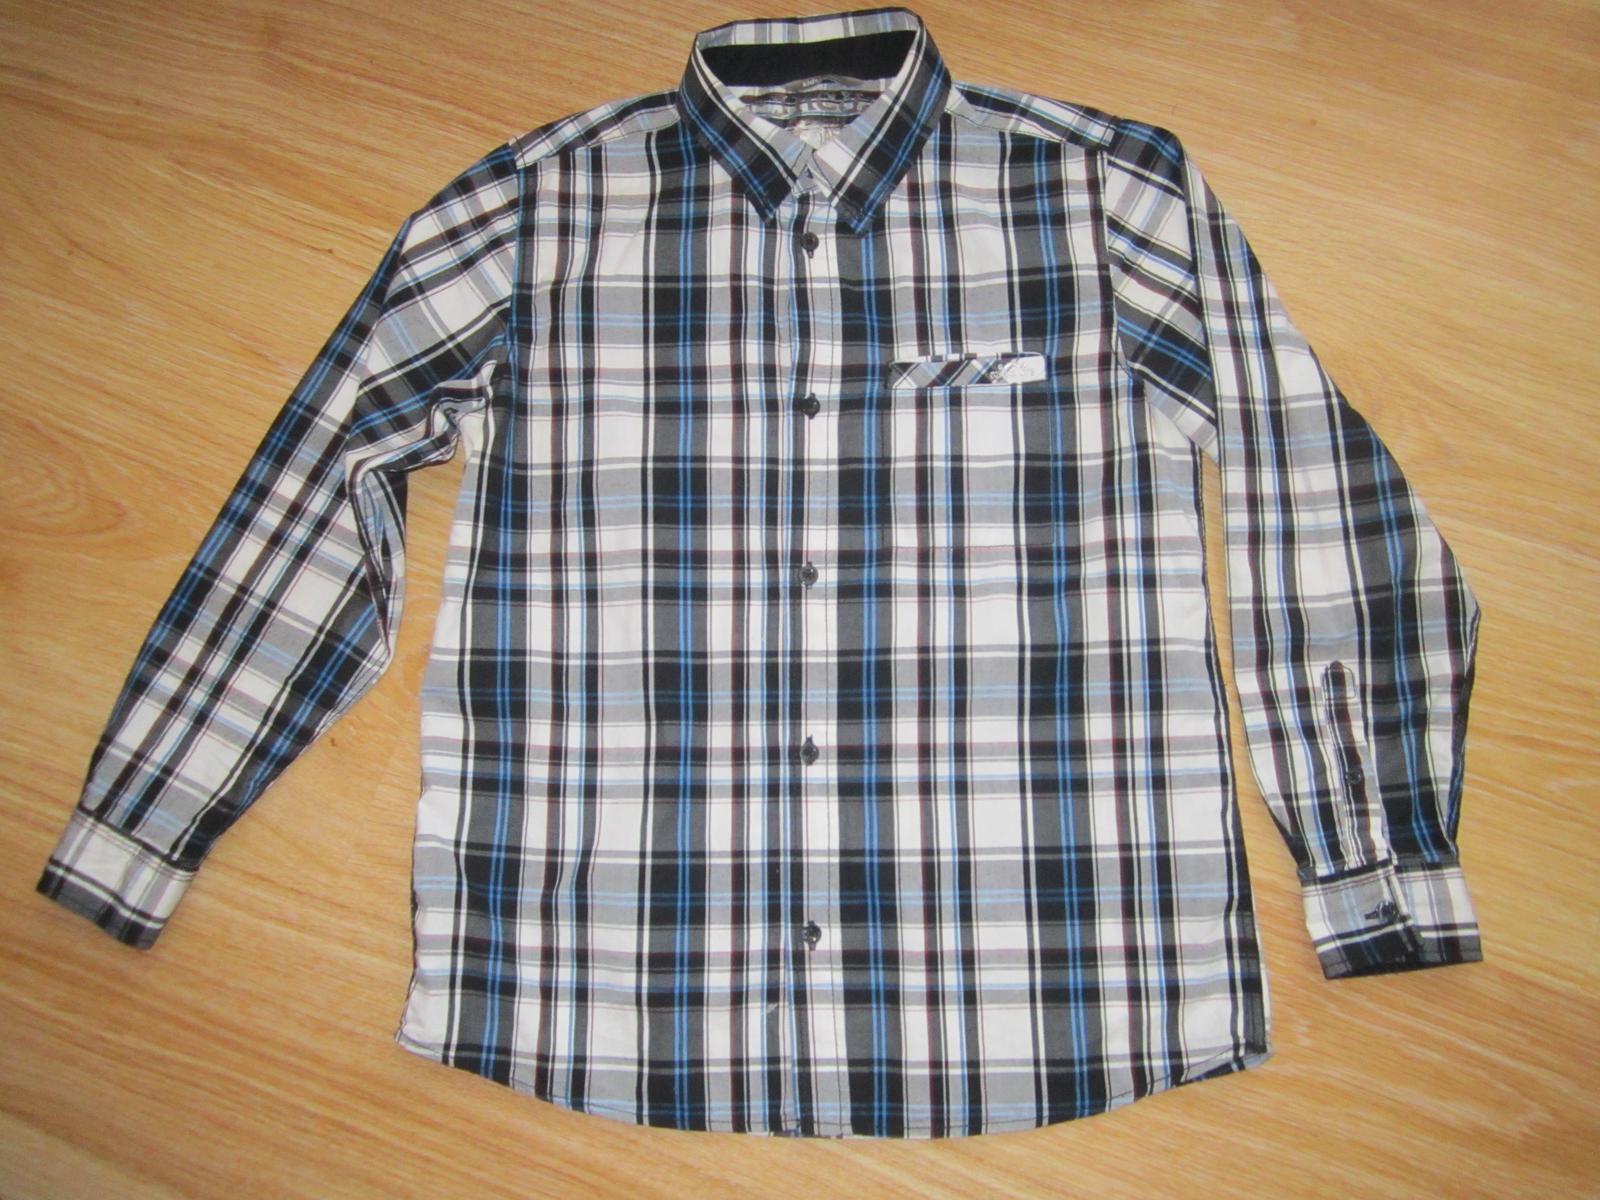 košeľa pre frajera - Obrázok č. 1